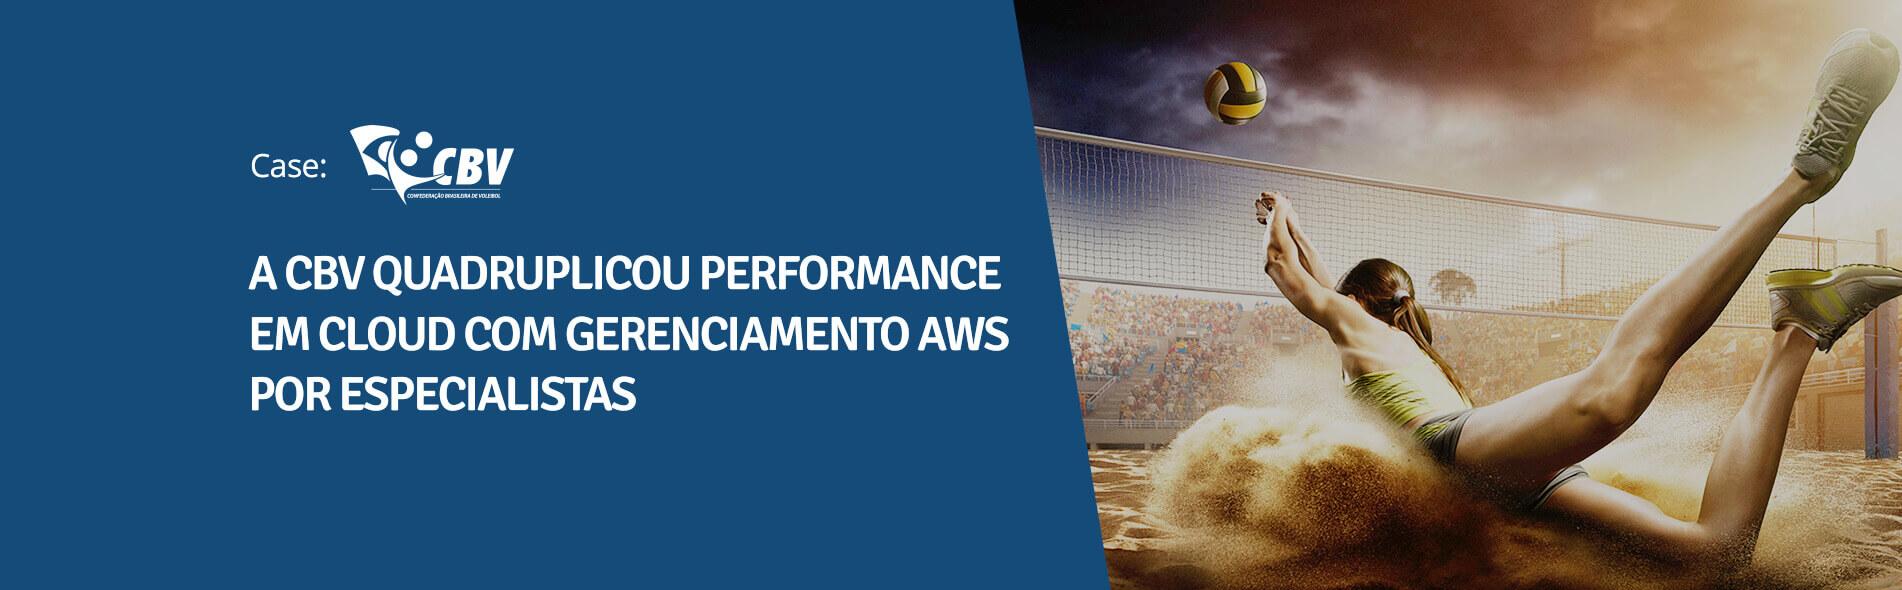 Performance com Gerenciamento AWS Mandic